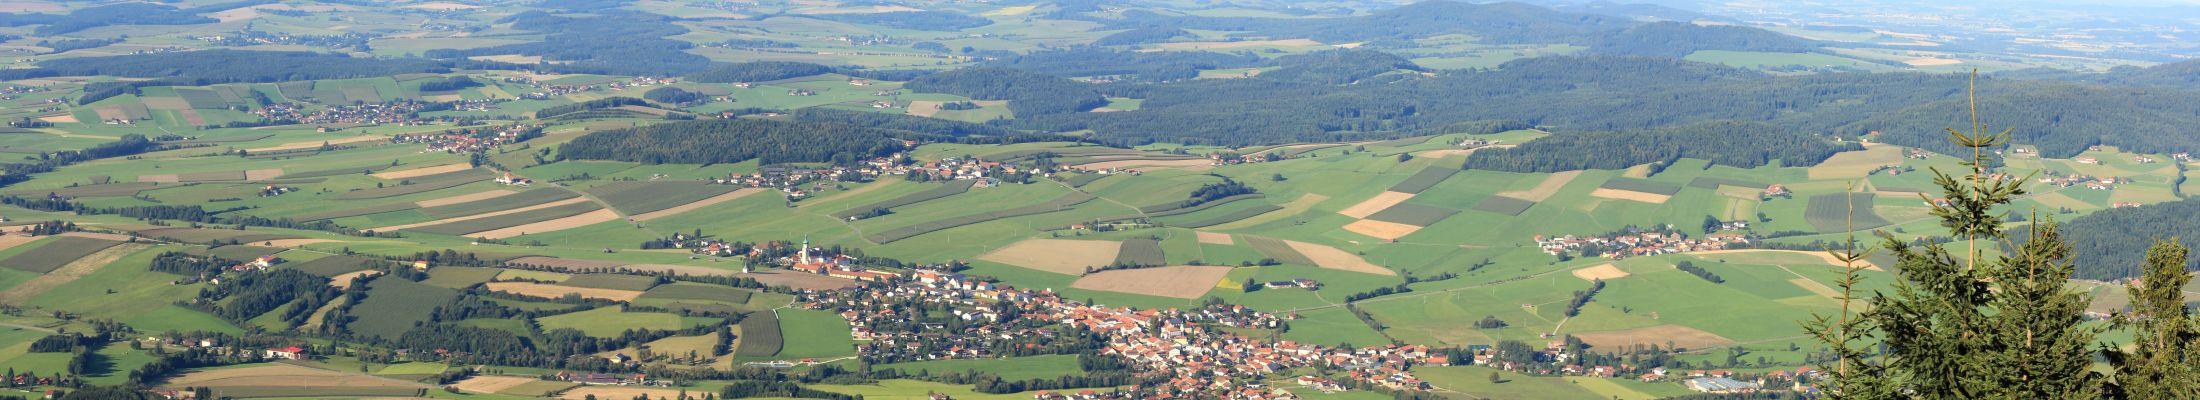 panorama-neukirchen-pgnida